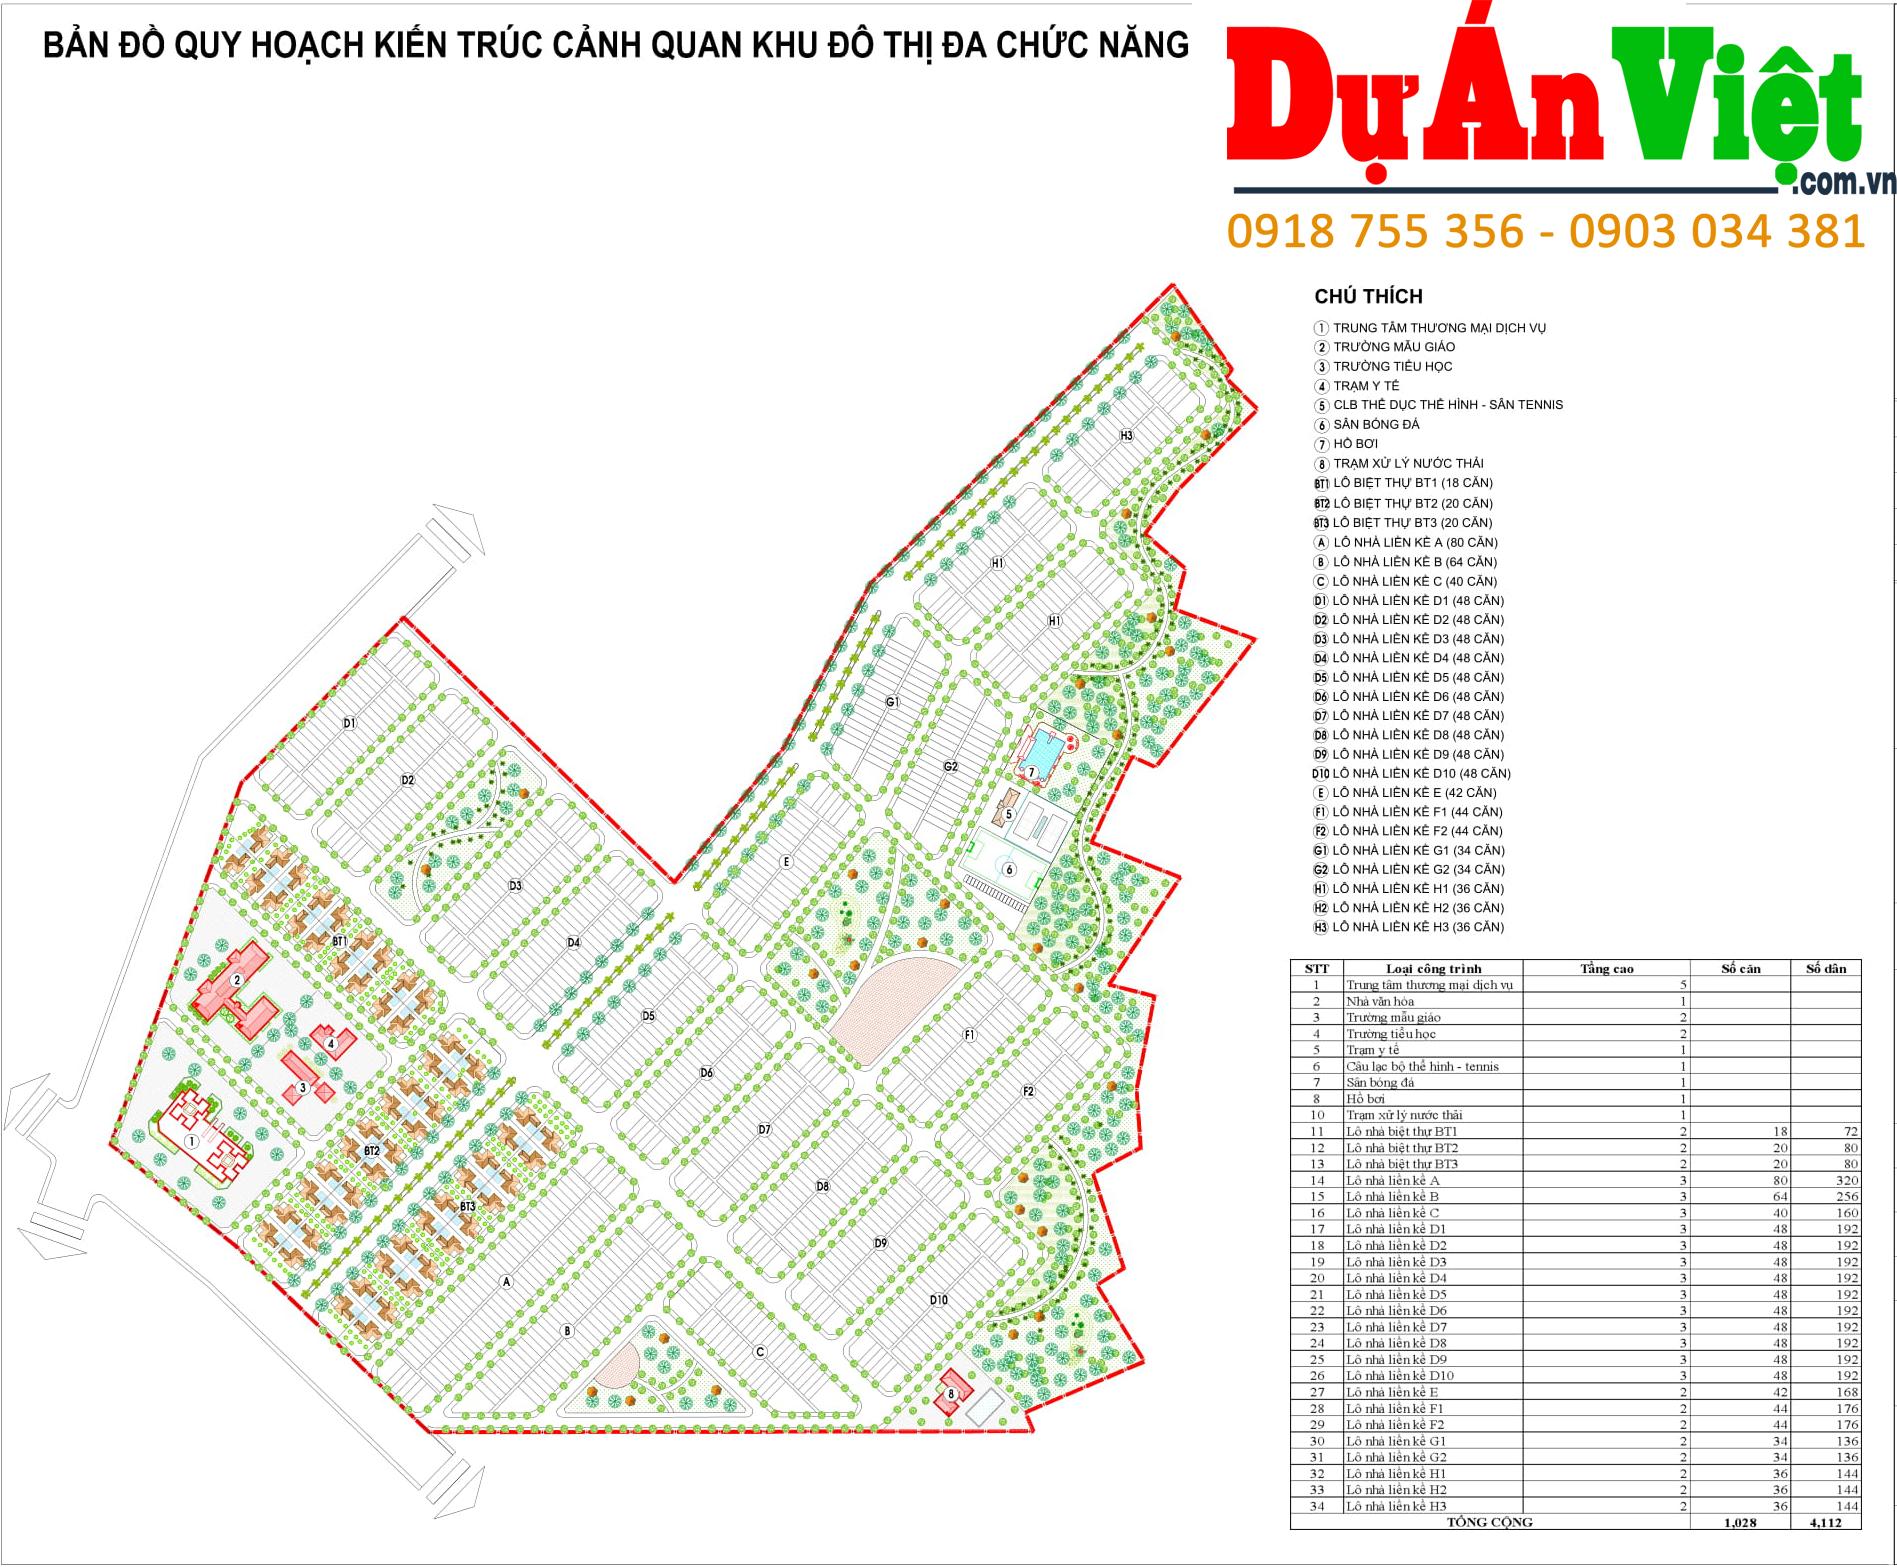 Thiết kế quy hoạch: Bản đồ quy hoạch kiến trúc cảnh quan khu đô thị đa chức năng